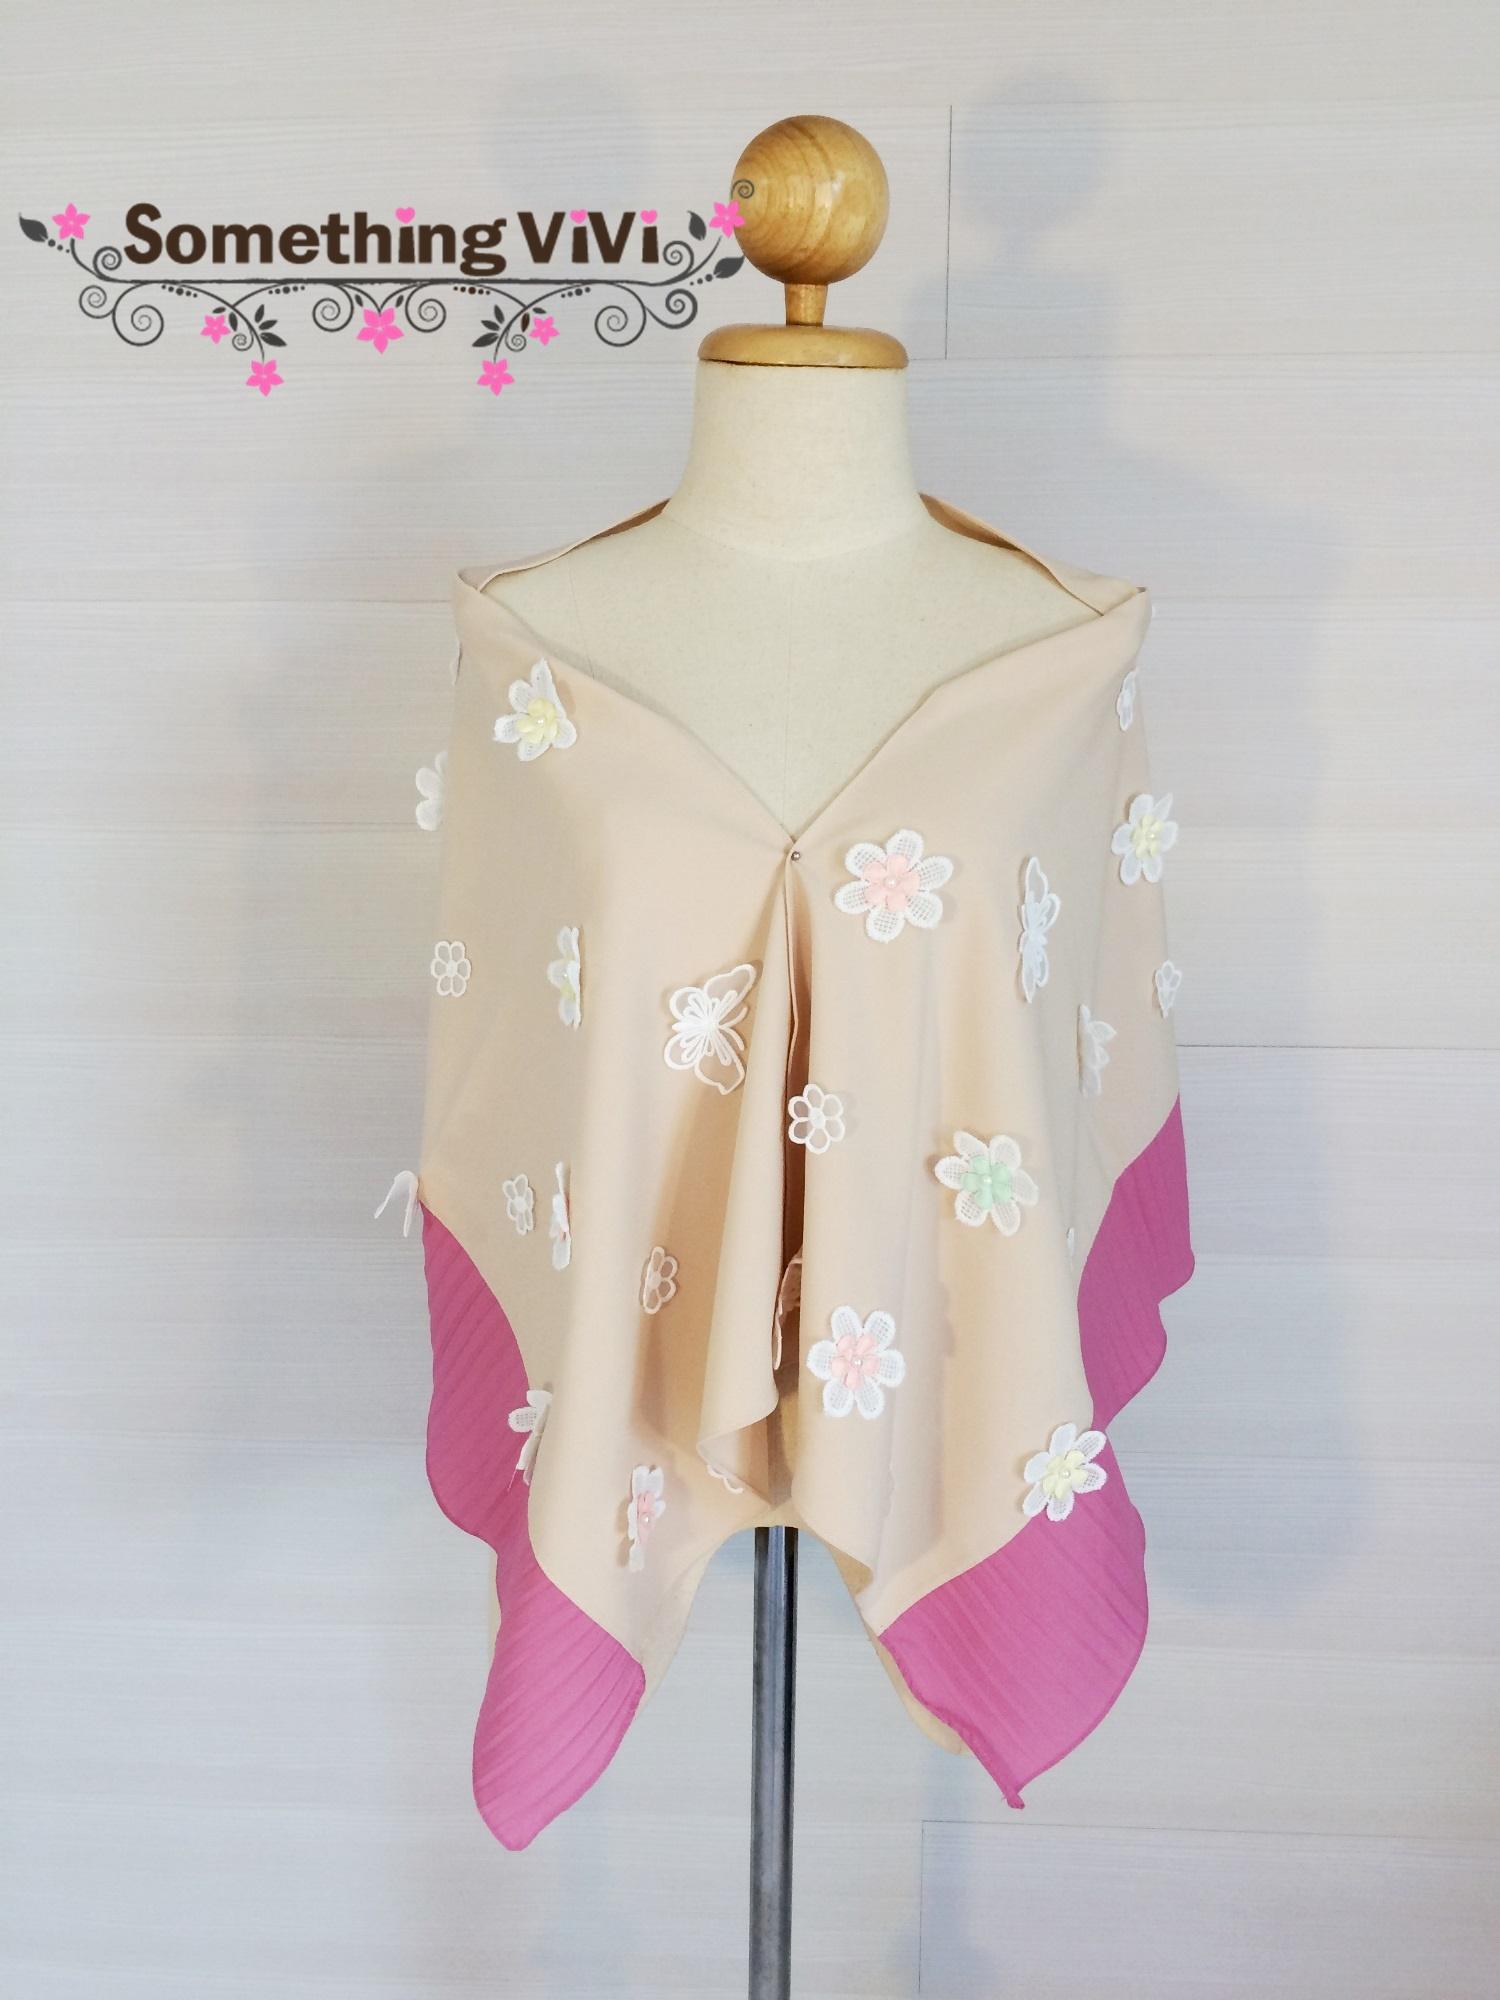 ผ้าพันคอ/ผ้าคลุมไหล่ รุ่น Beaucoup de Fleurs สี Audrey Plum เป็นผ้ามอสเครปสวยหรูประดับด้วยดอกไม้ฟรุ้งฟริ้งประปรายทั่วผ้า สวย น่ารักมาก งานพรีเมี่ยมสุดๆ ค่ะ พร้อมกล่อง/ซองแพคเกจอย่างดี ของขวัญ/ของฝาก